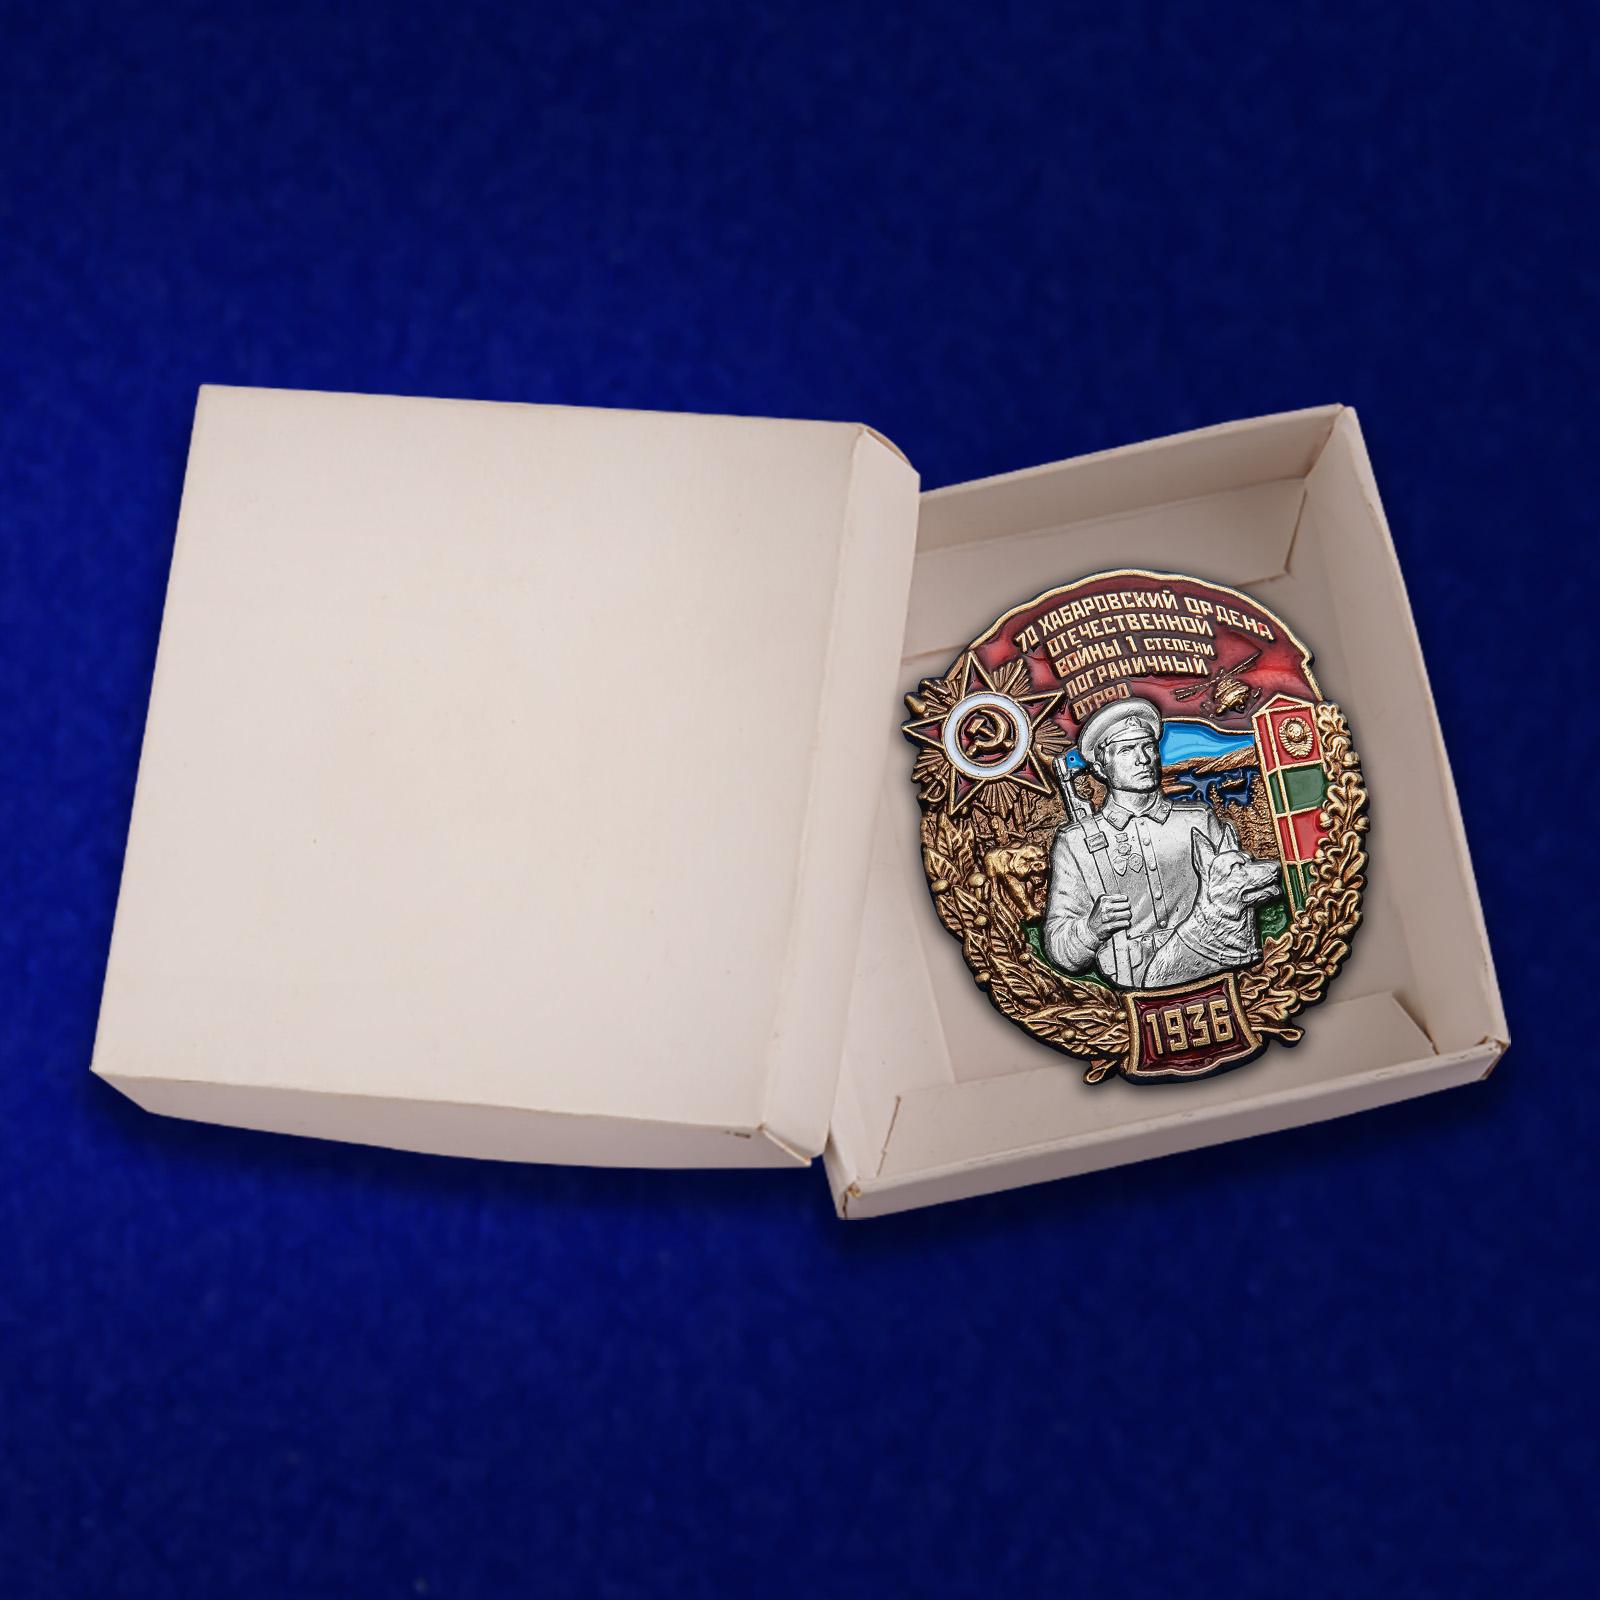 Знак 70 Хабаровский пограничный отряд - с доставкой